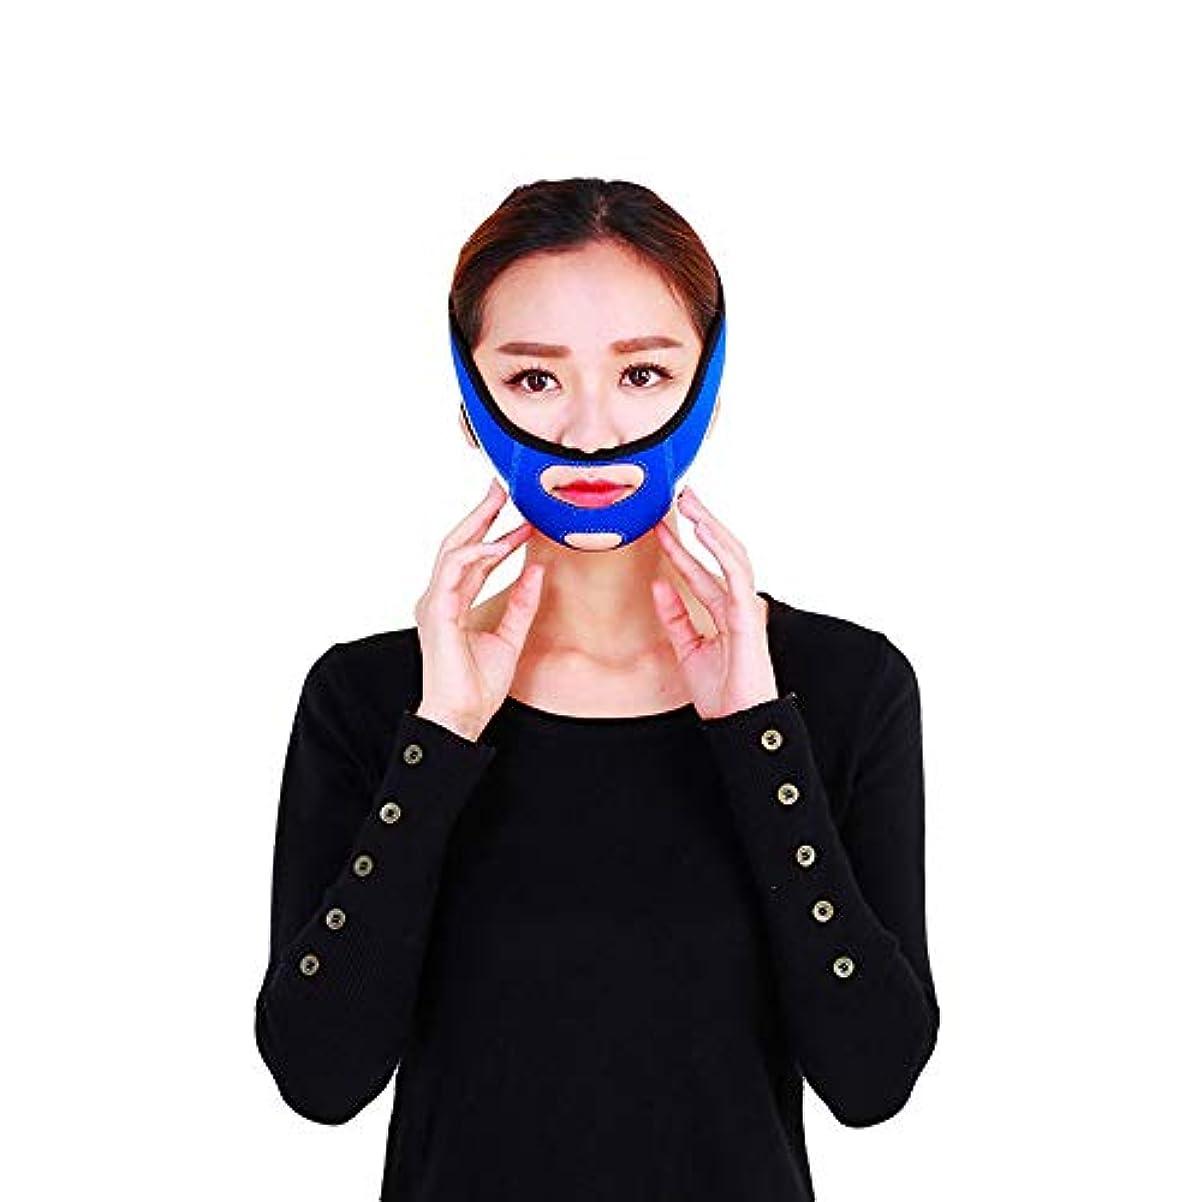 再生軽減スライムGYZ フェイシャルリフティング痩身ベルトフェーススリム二重あごを取り除くアンチエイジングリンクルフェイス包帯マスク整形マスクが顔を引き締める Thin Face Belt